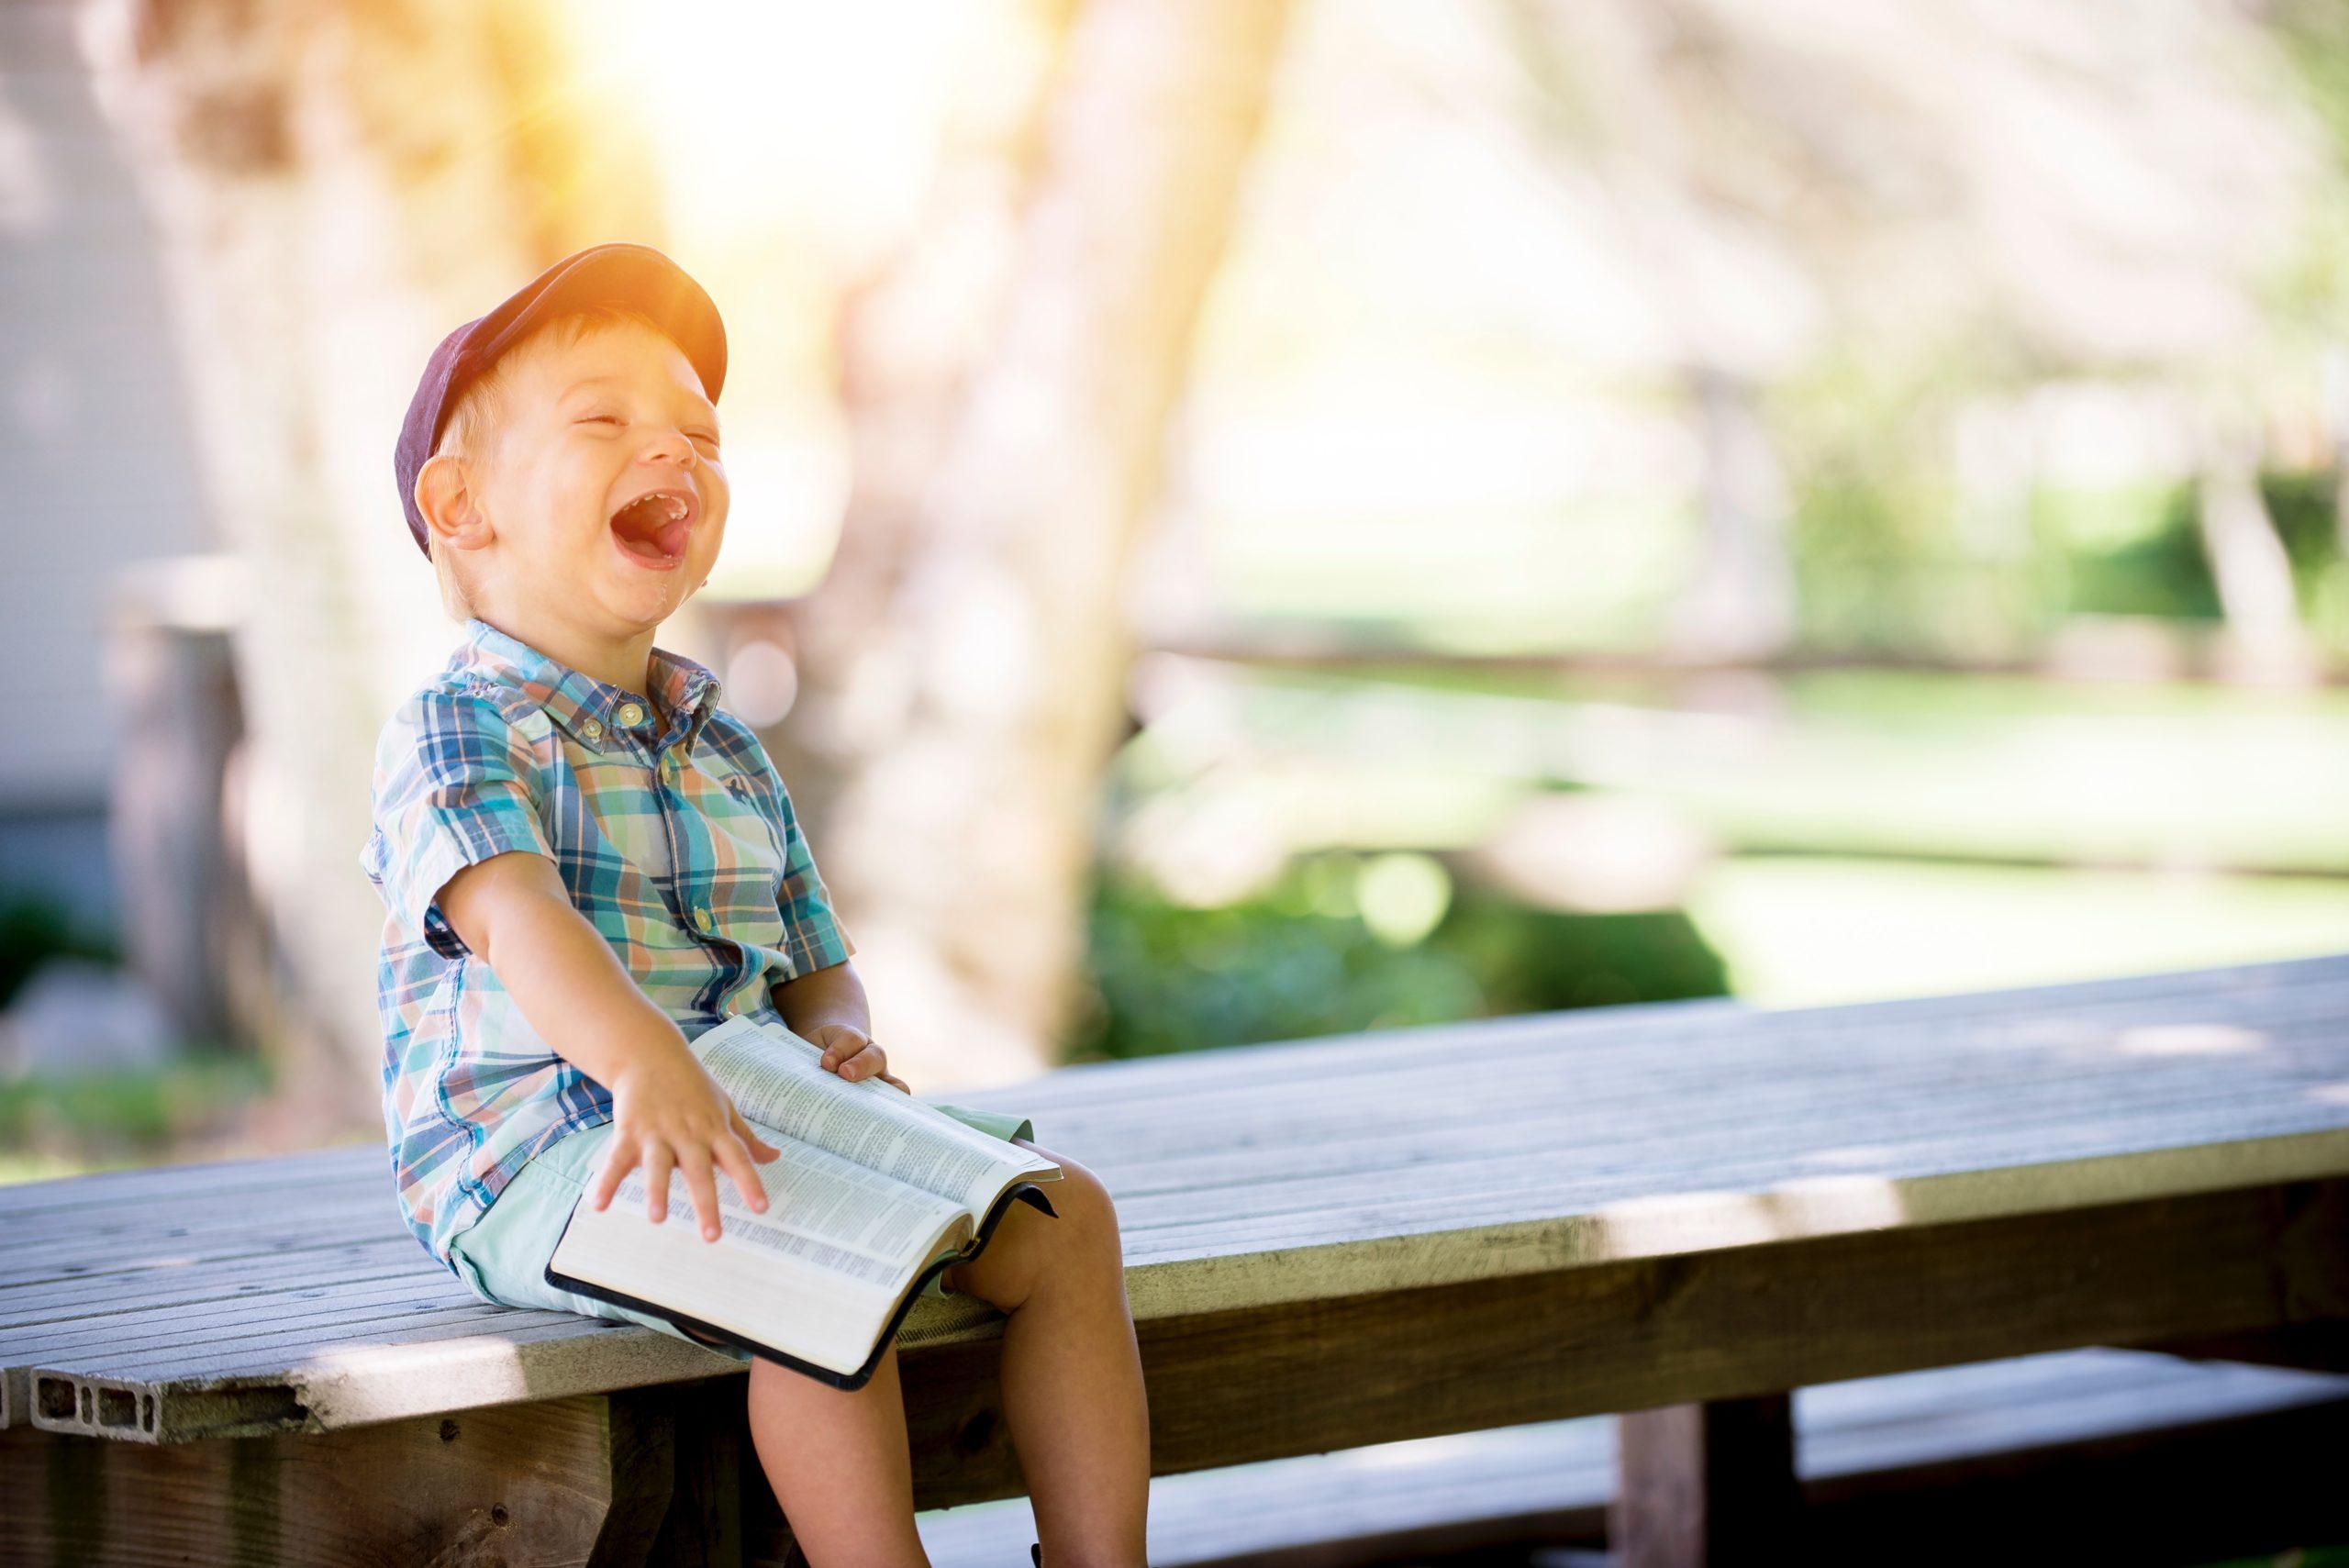 Storie che plasmano: il ruolo della teologia biblica nello sviluppo del bambino